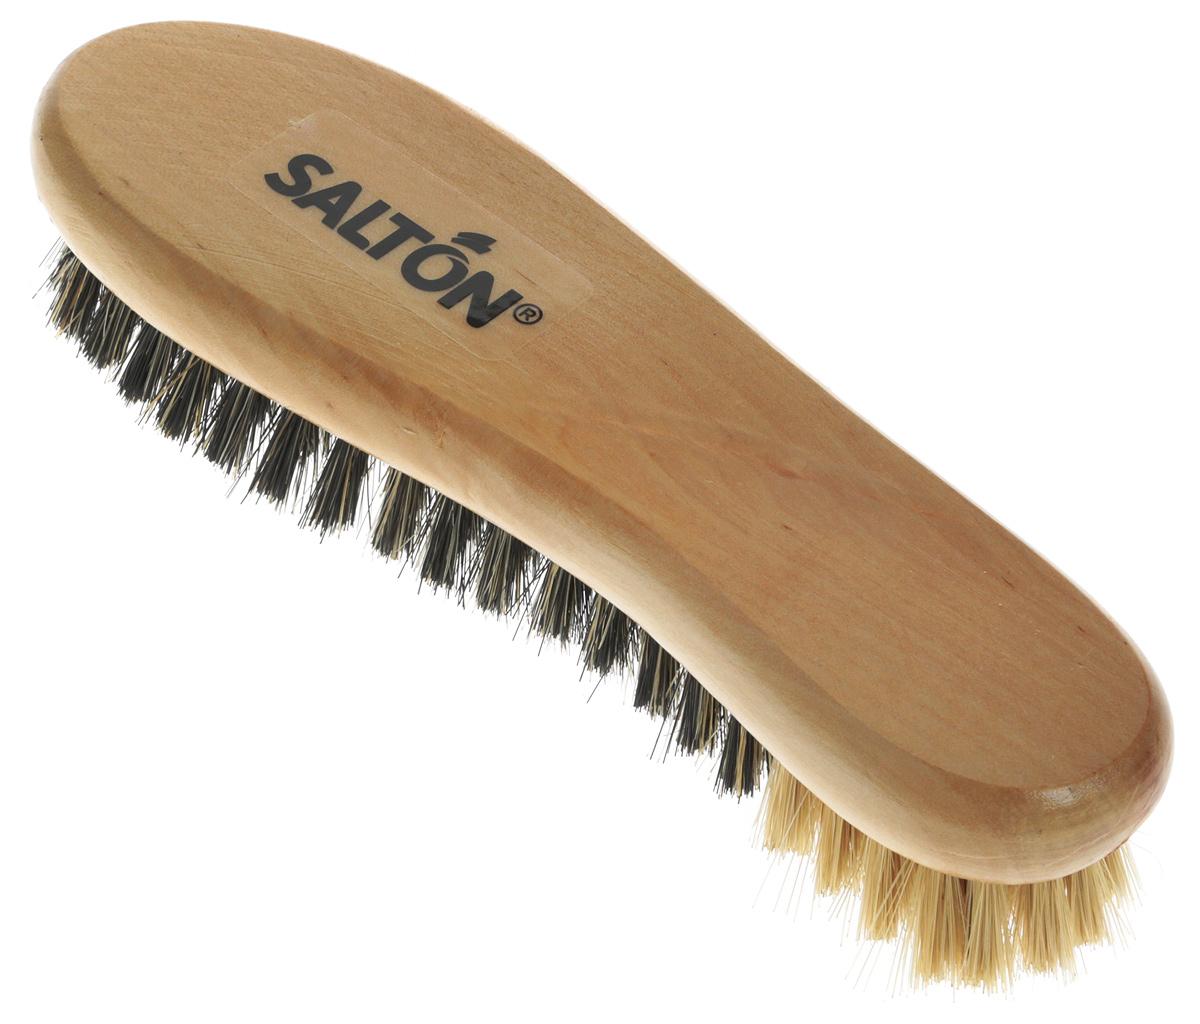 Щетка Salton для обуви из гладкой кожи26258772Благодаря густому мягкому ворсу из инновационного материала щетка Saltonобеспечивает легкое, равномерное нанесение крема по поверхности обуви.Осуществляет эффективную полировку для придания блеска.С щеткой Salton ваша обувь будет выглядеть как новая!Материал: полипропилен, дерево. Размер: 17,5 см х 5,5 см х 4,2 см. Уважаемые клиенты!Обращаем ваше внимание на возможные изменения в дизайне упаковки. Поставка осуществляется в зависимости от наличия на складе.